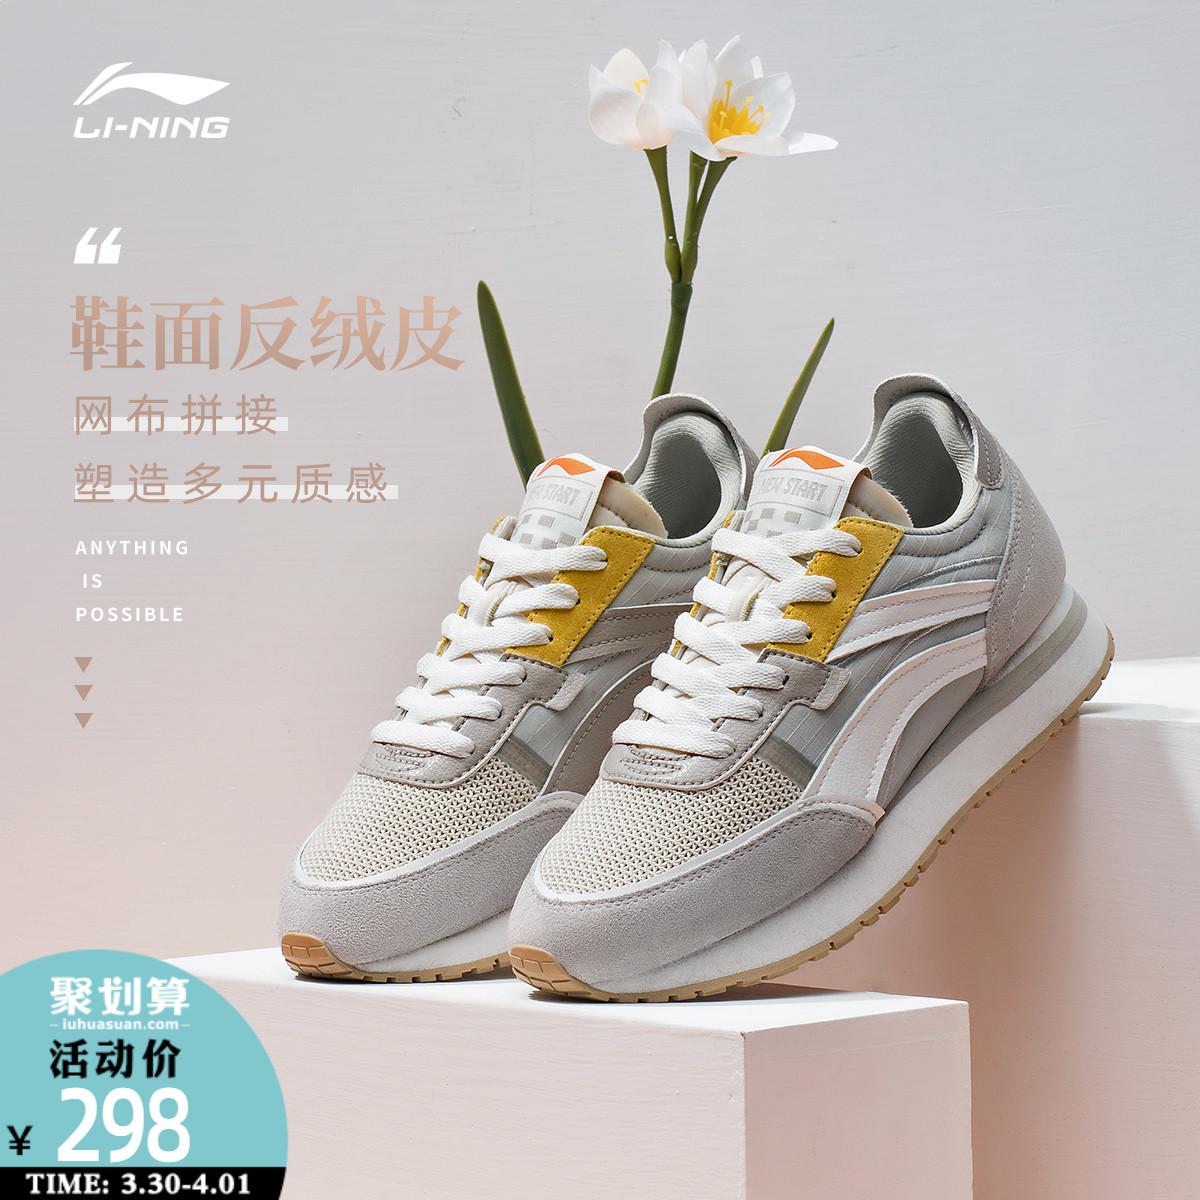 李宁休闲鞋2021新款乘风女士女鞋质量怎么样